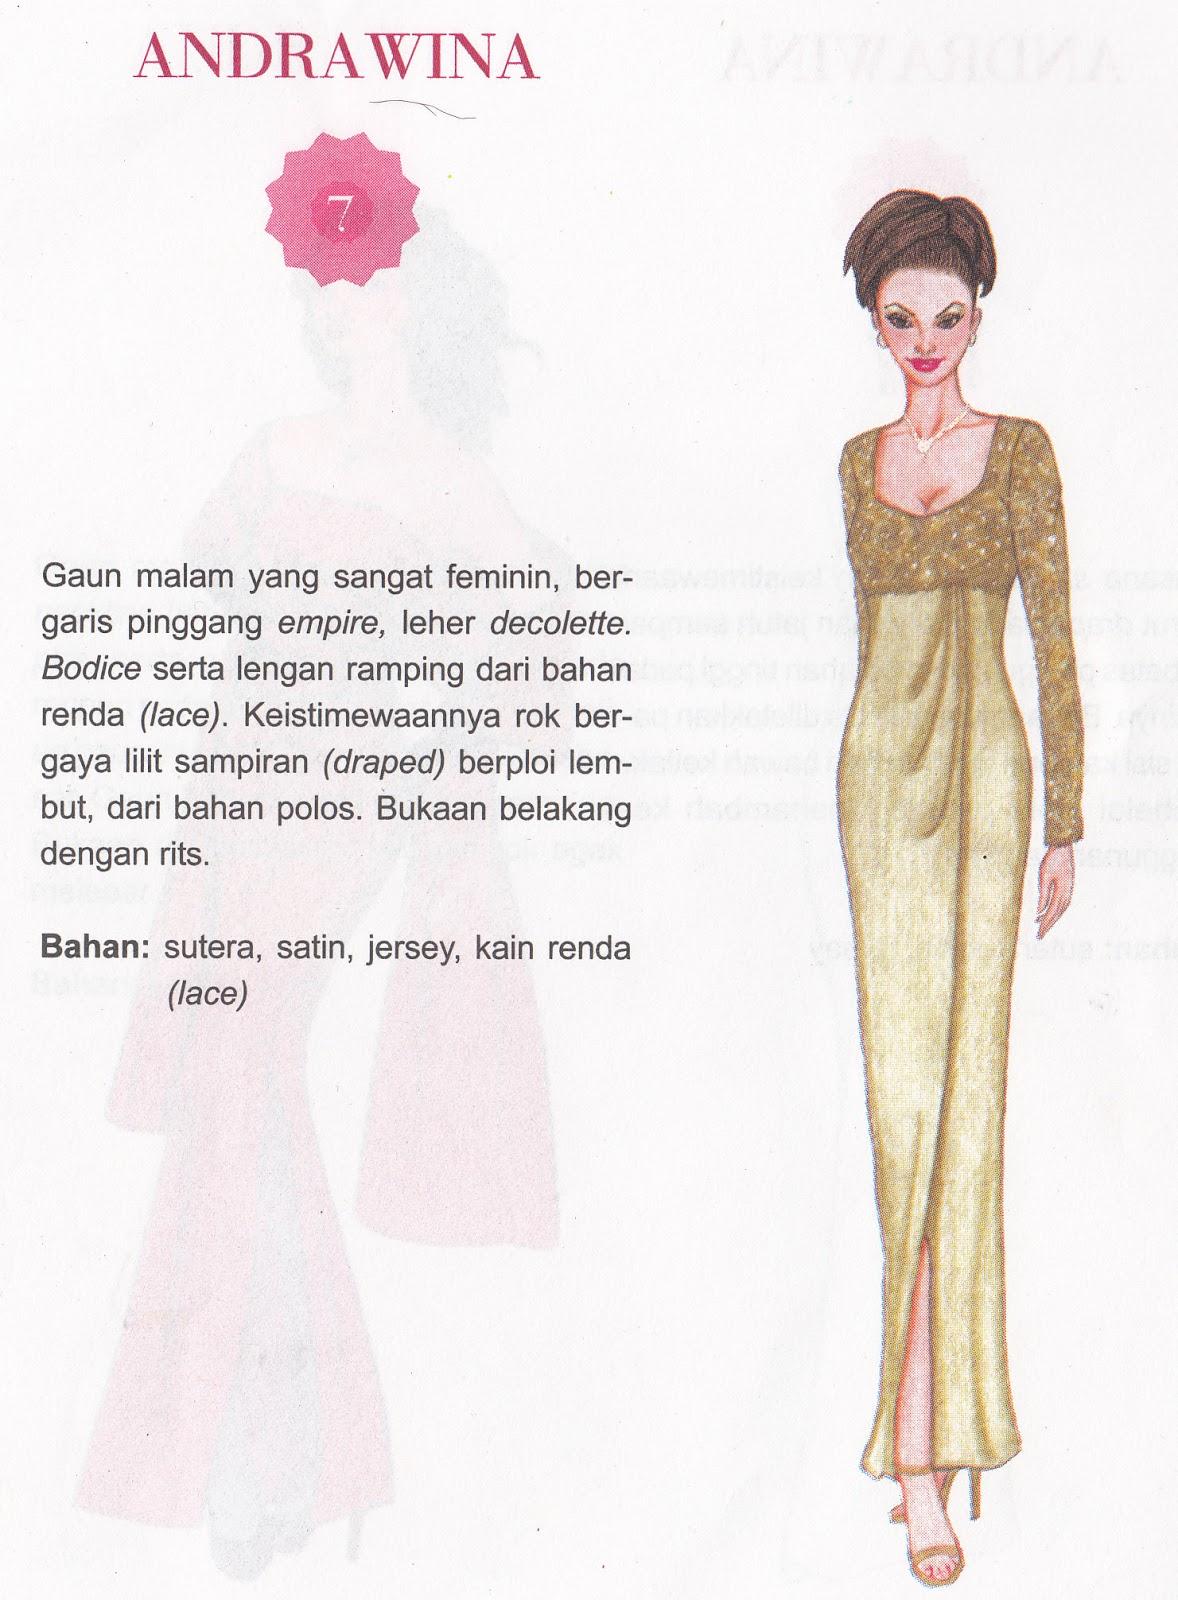 Gaun Pesta Malam Feminin Jasa Jahit Yogyakarta Kedai Kebaya